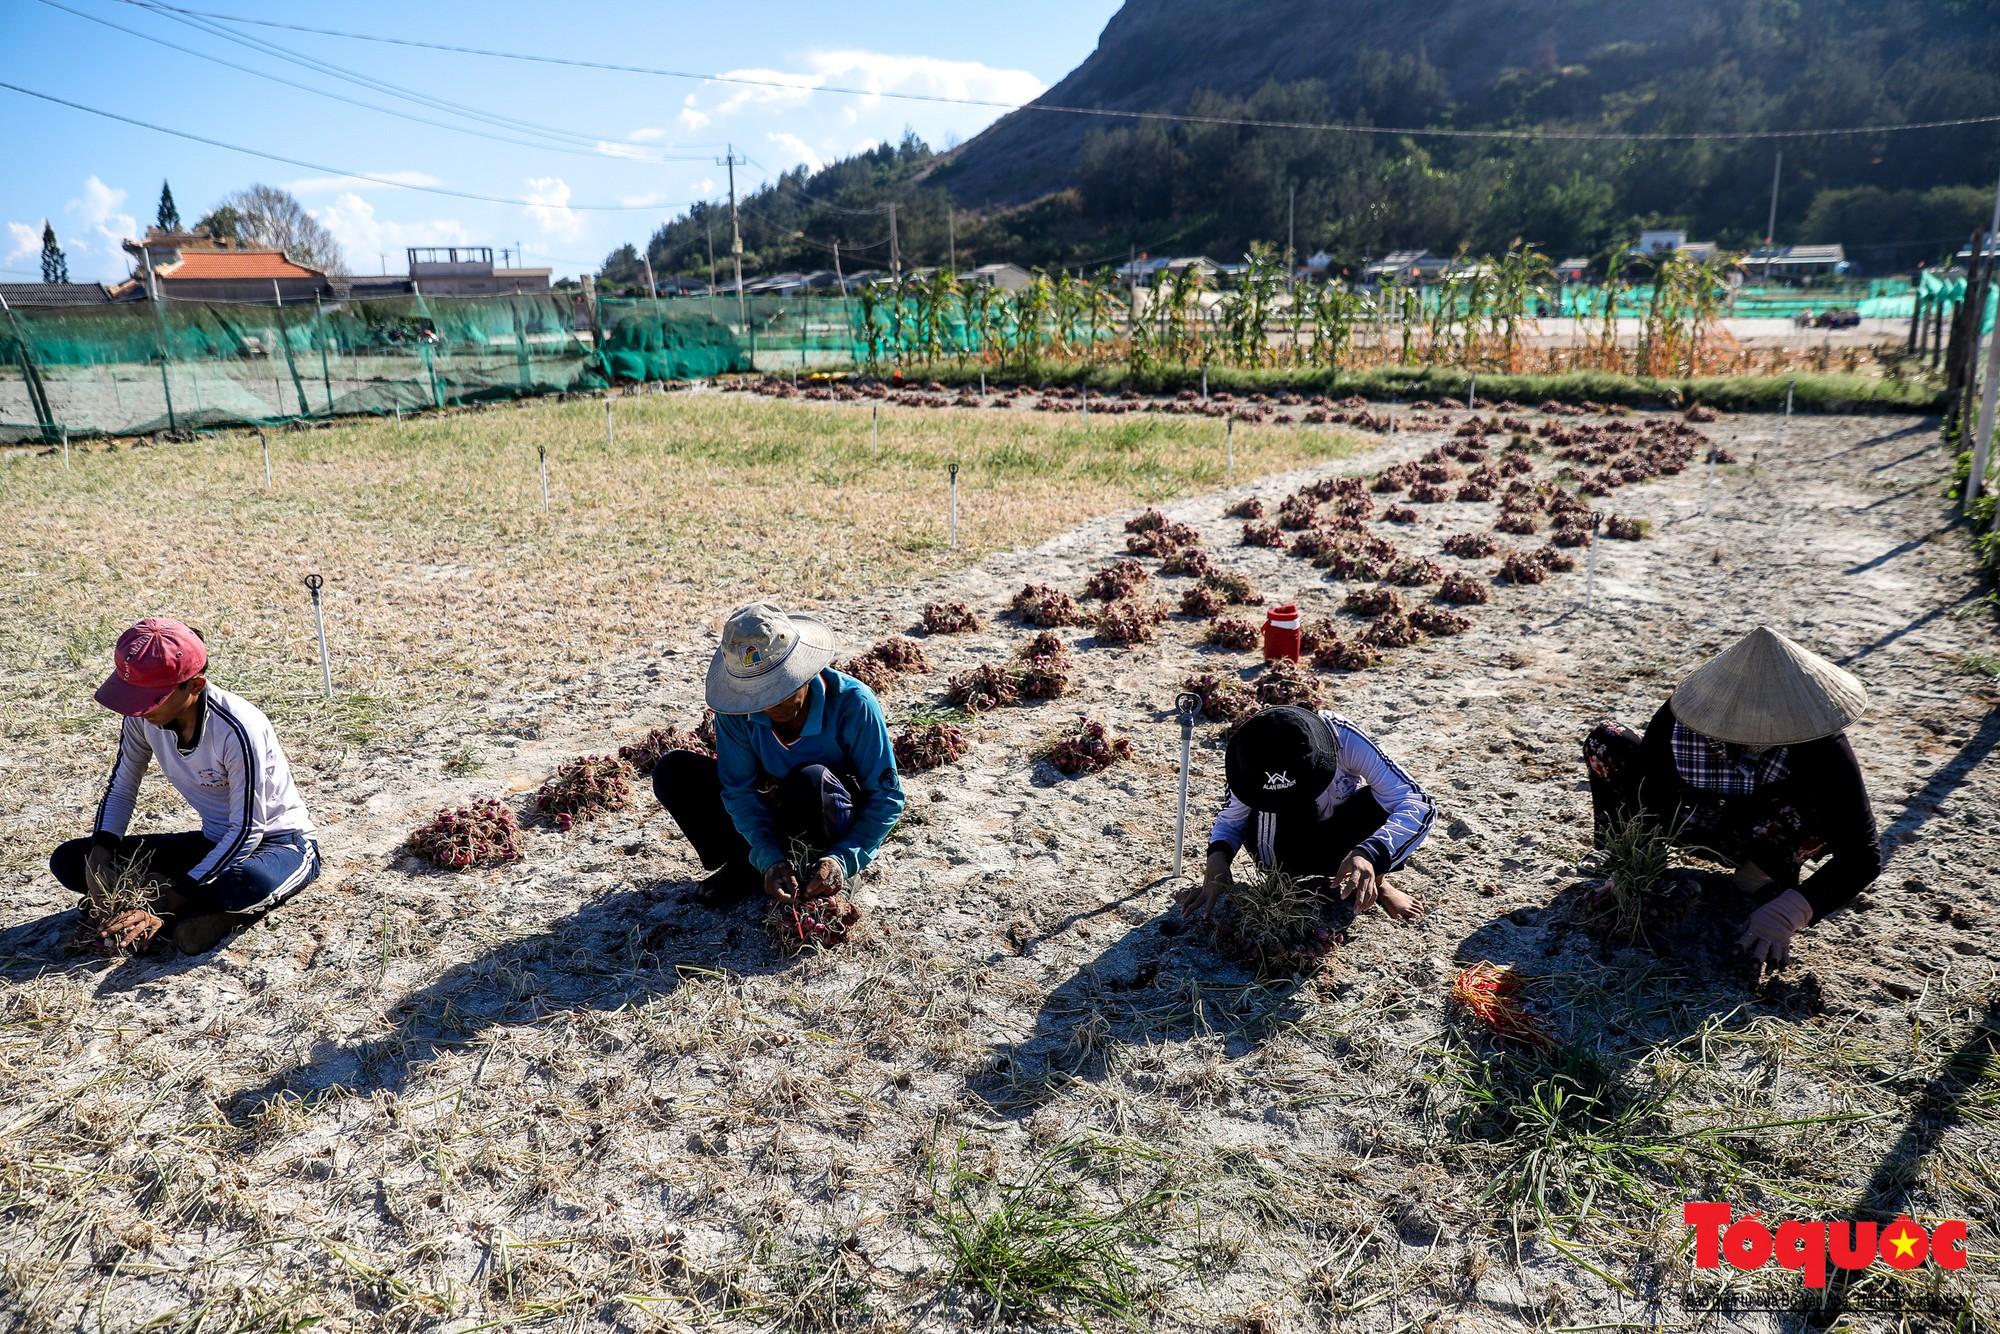 Hành tím Lý Sơn vào mùa thu hoạch: Nông dân phấn khởi vì giá tăng gấp đôi năm ngoái  - Ảnh 3.